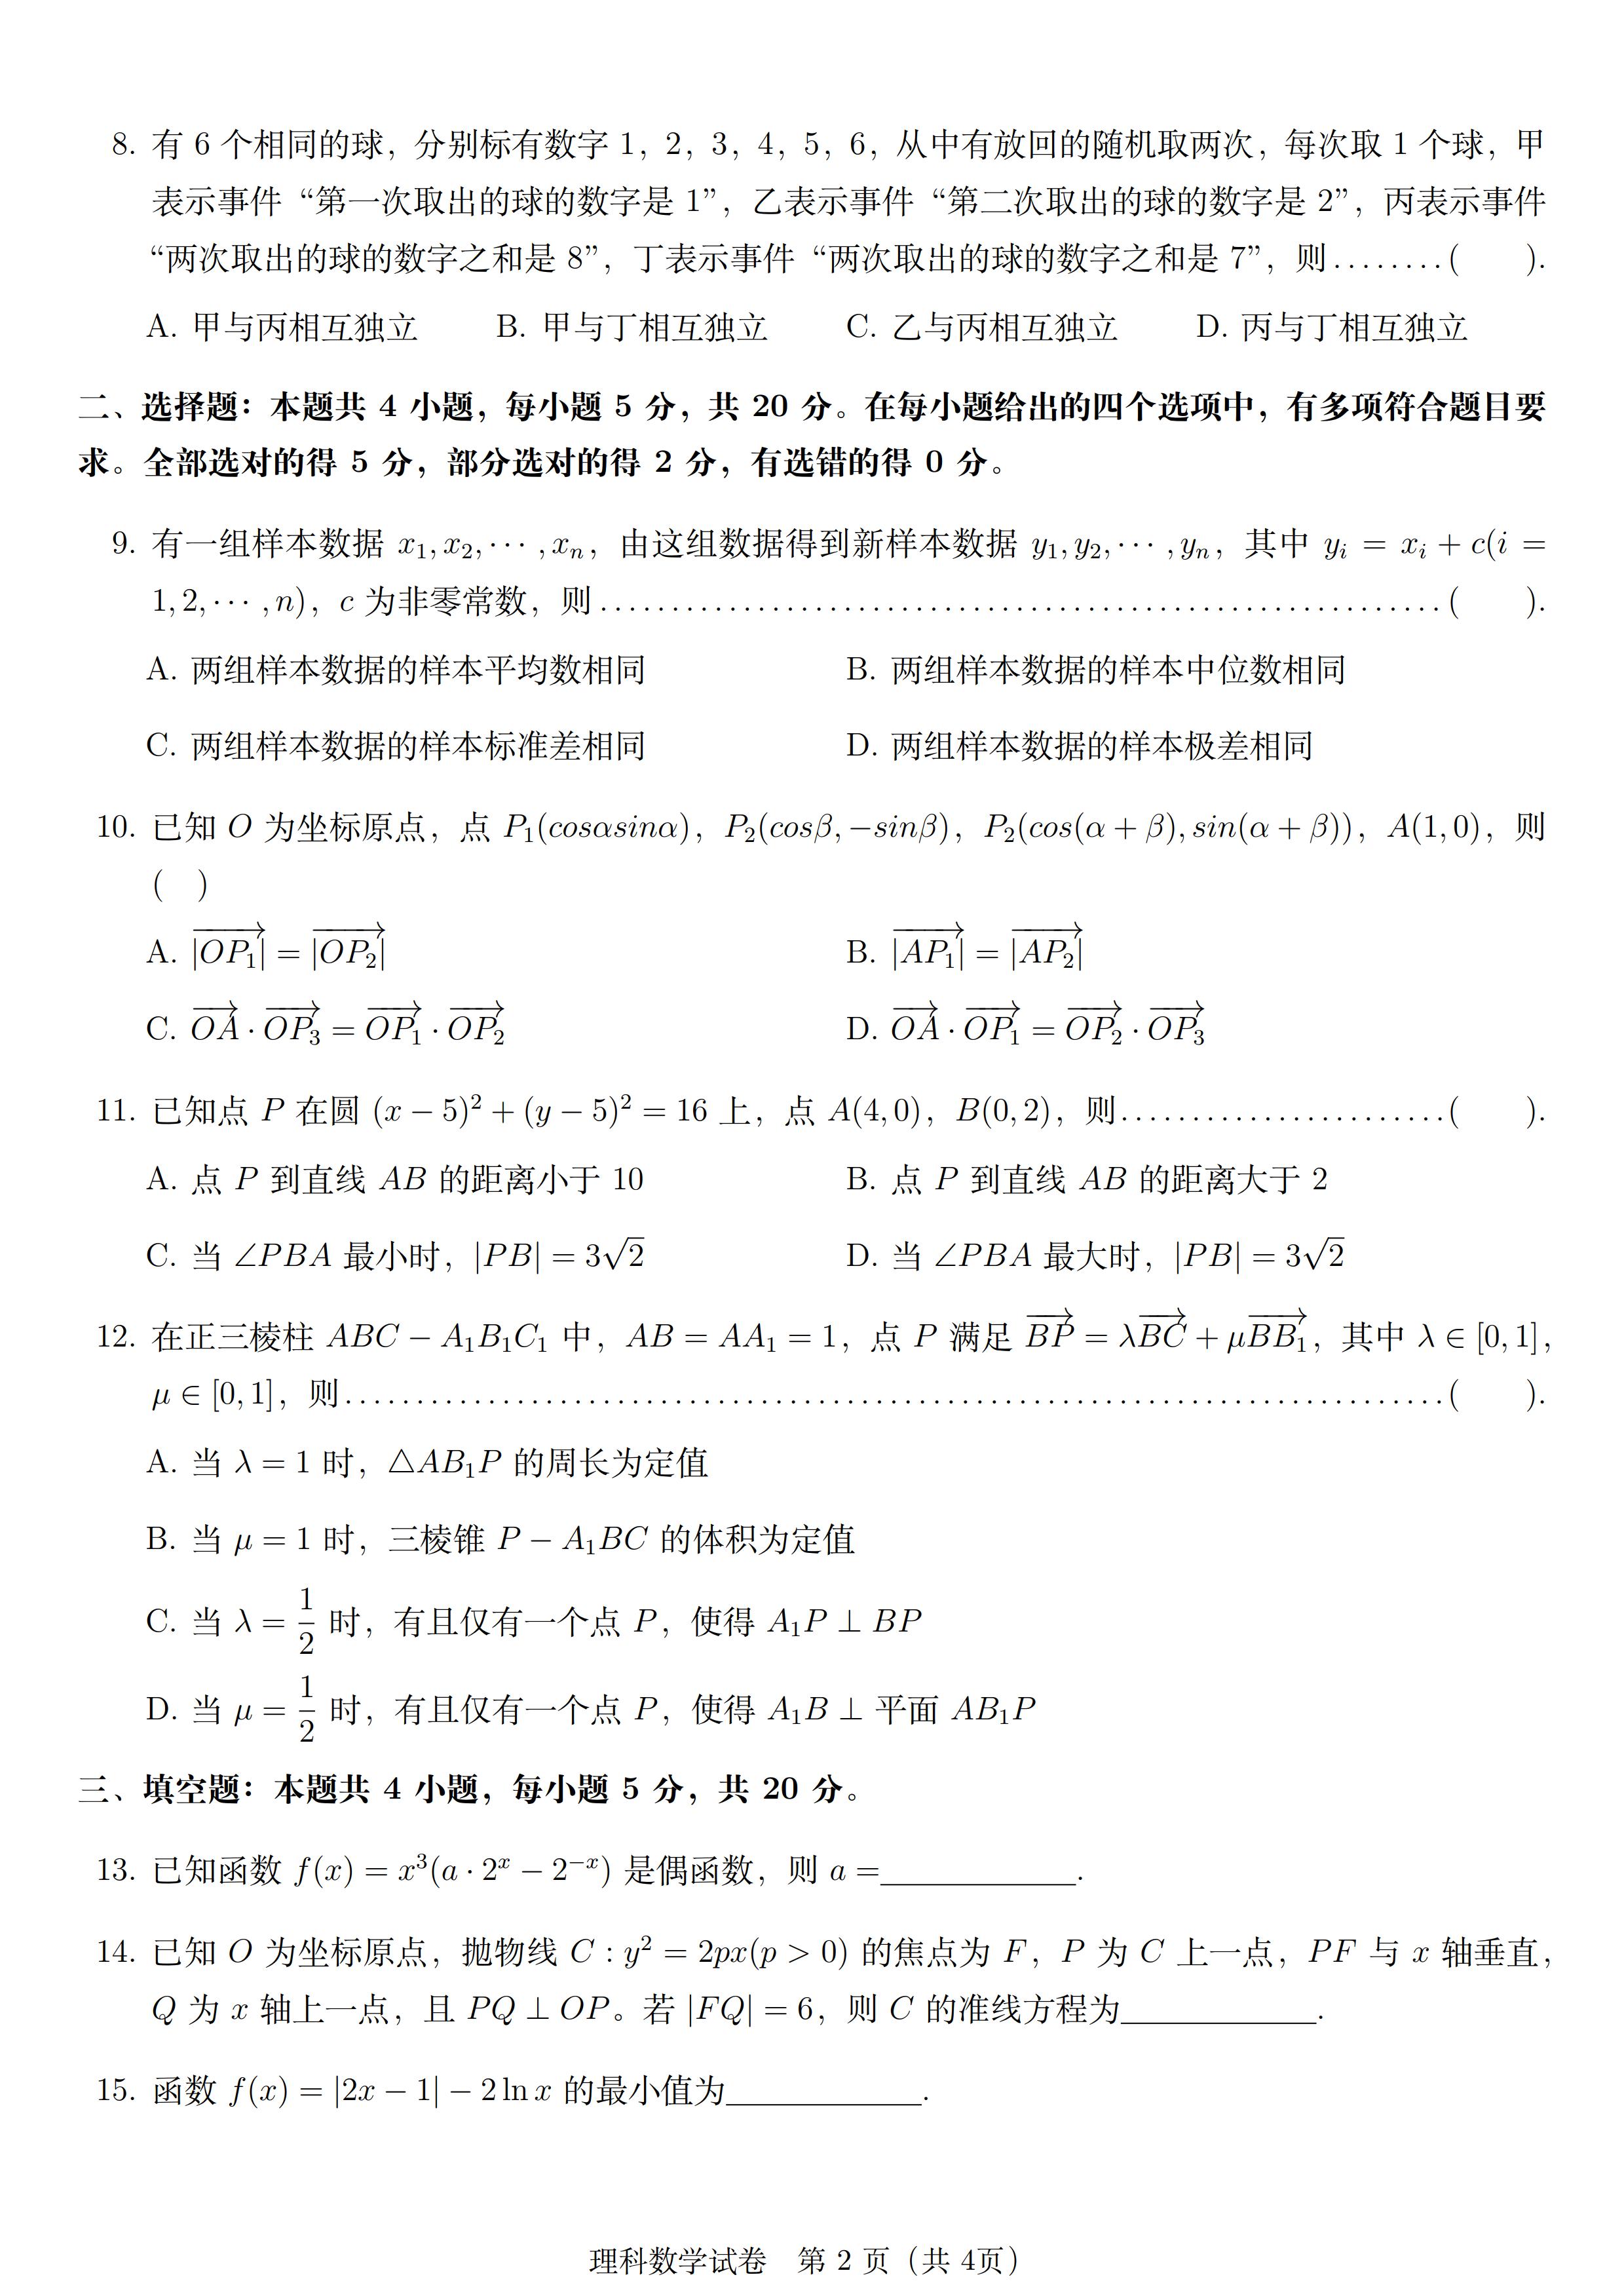 2021高考试卷理科数学新高考一卷